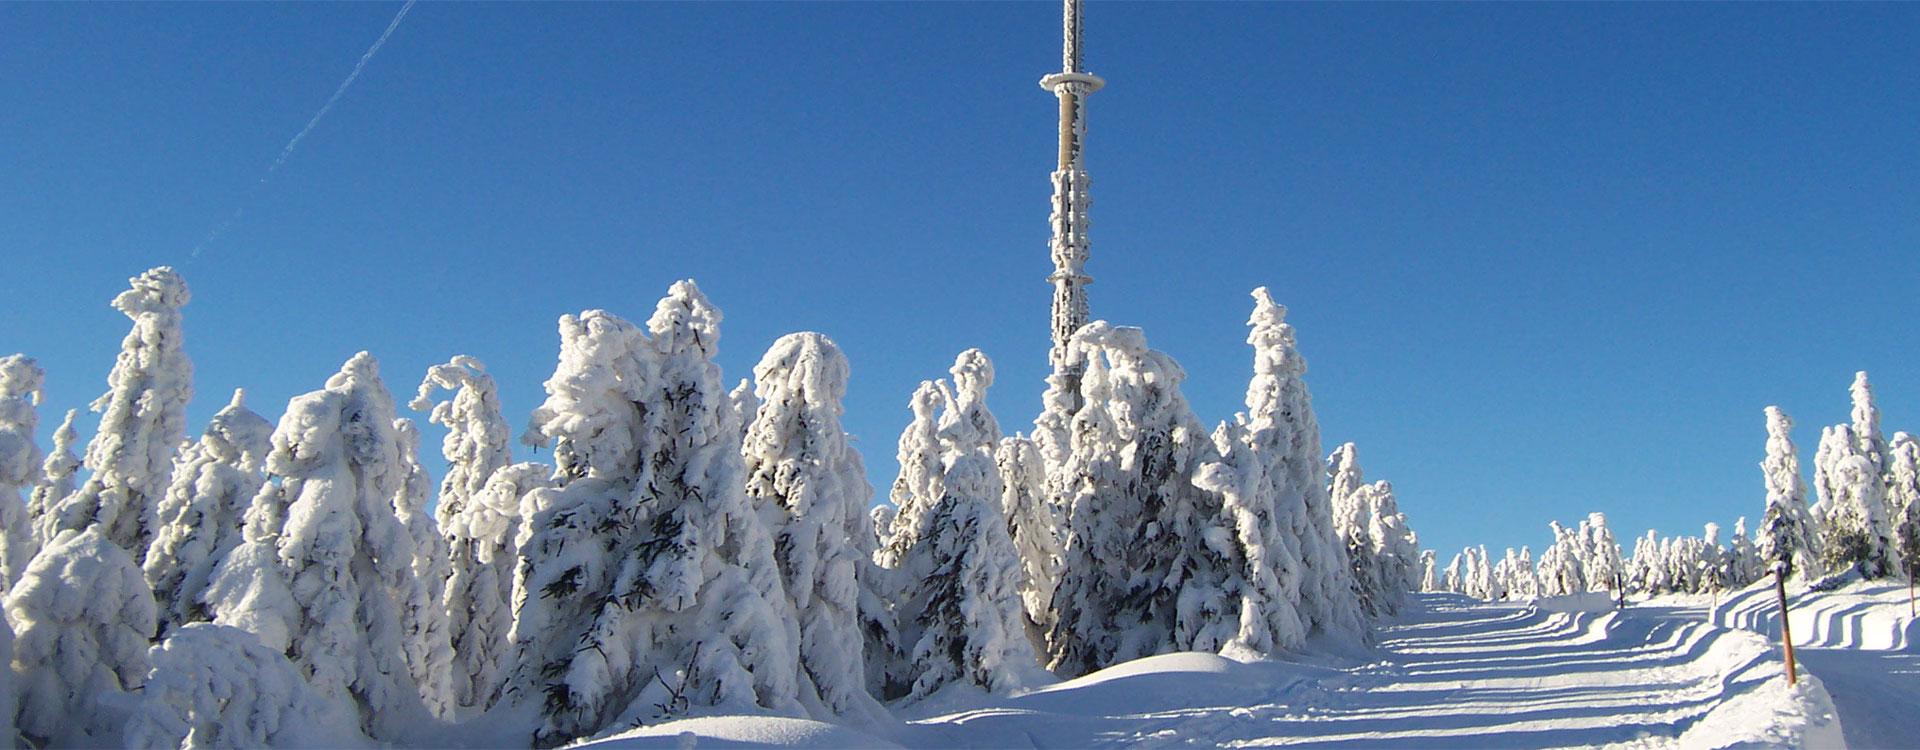 Wintersportregion  Ochsenkopf im Fichtelgebirge